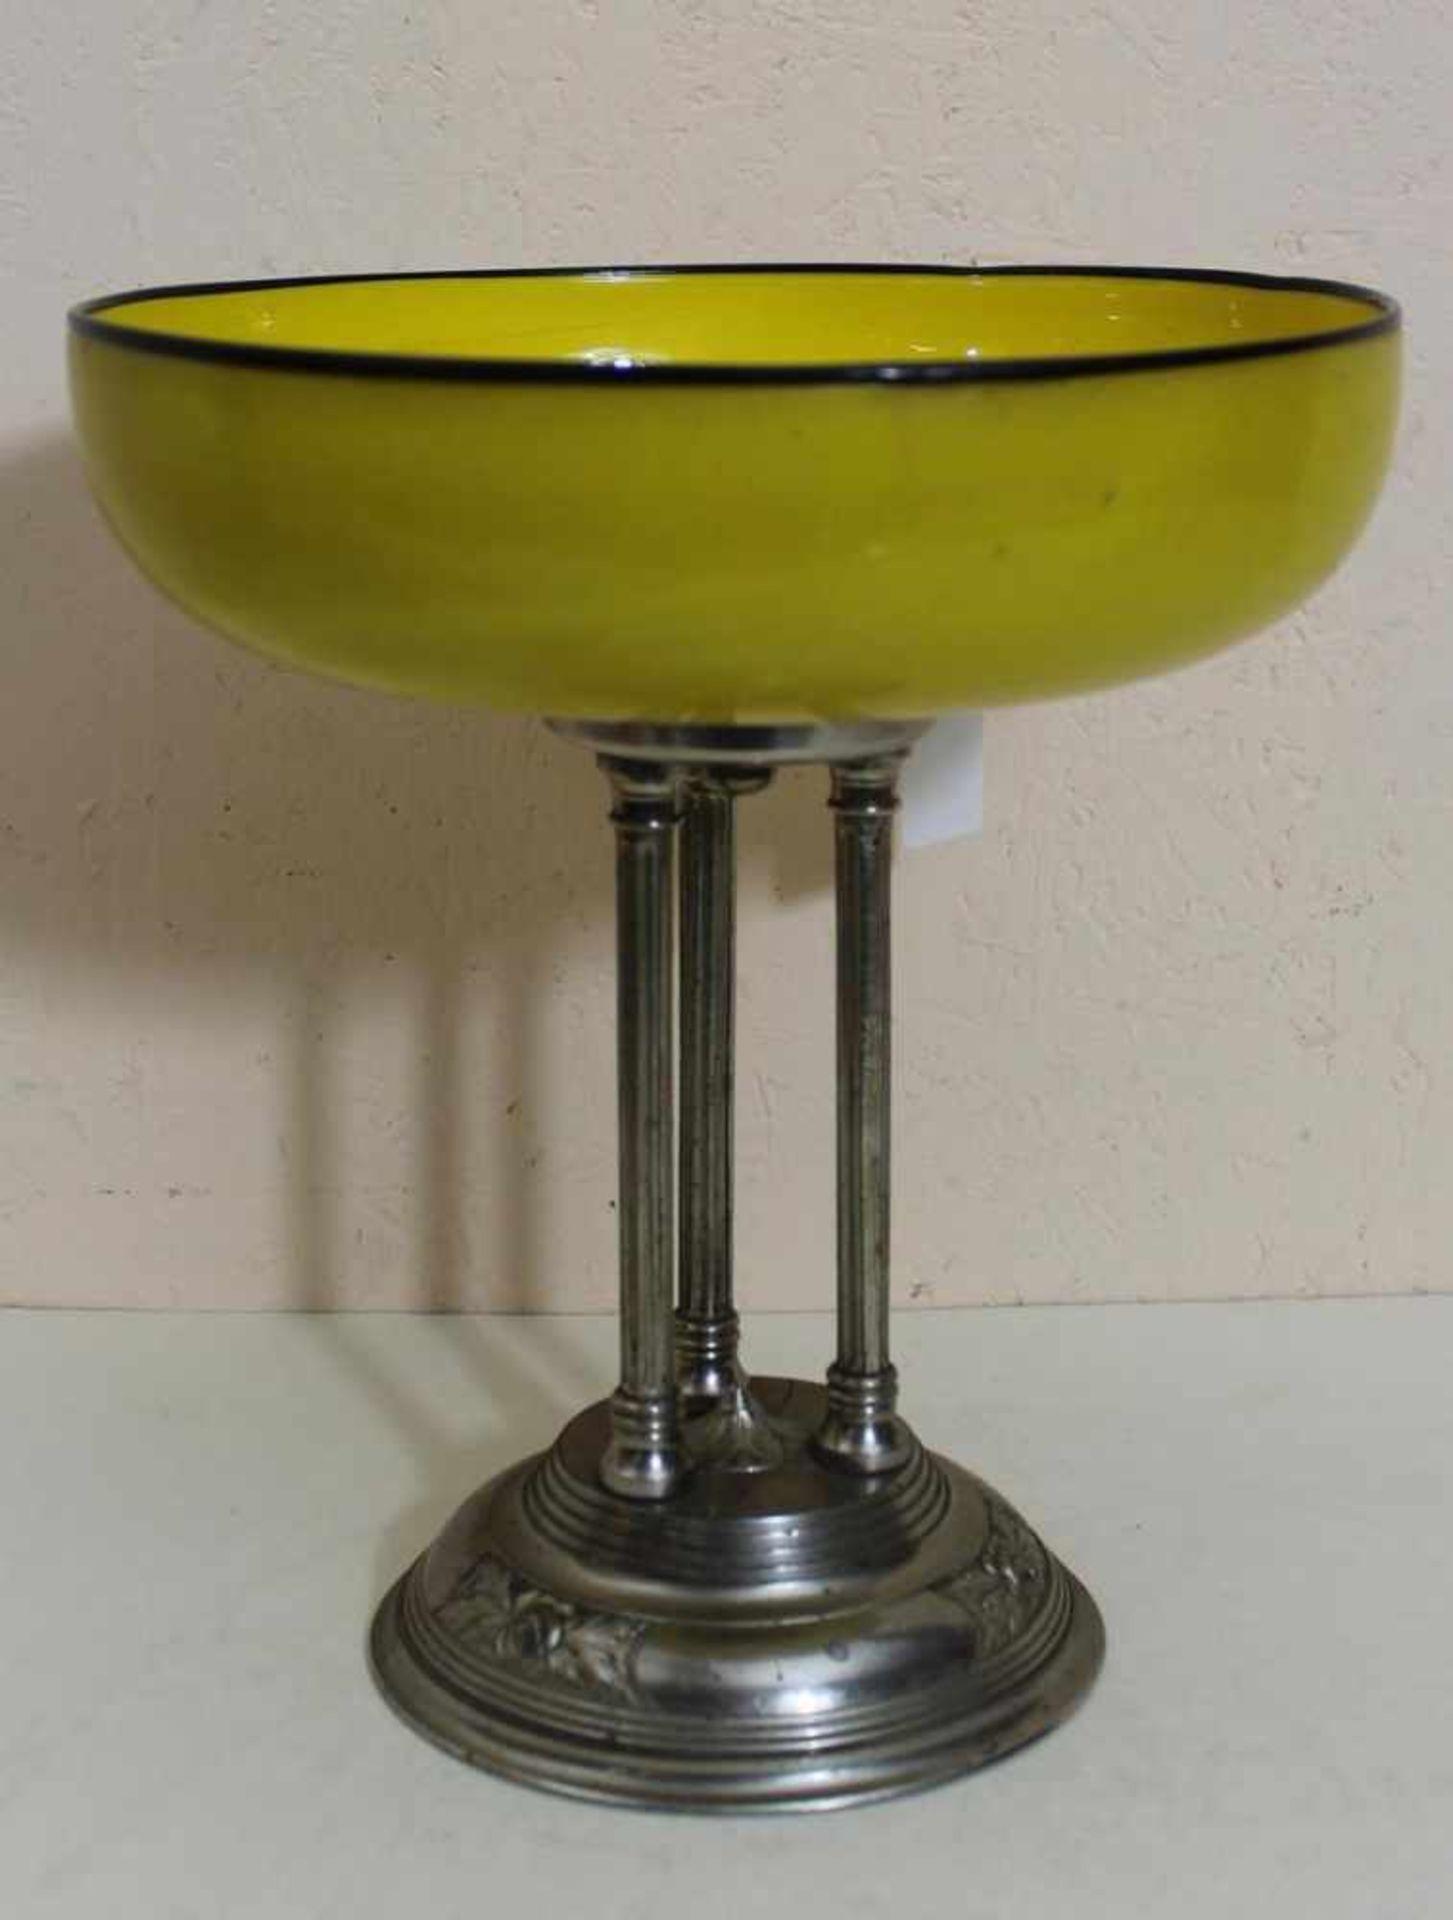 Loetz Aufsatzschale Tangoglas gelb-schwarz mit Metallmontur, auf drei Metallstäben montierte runde